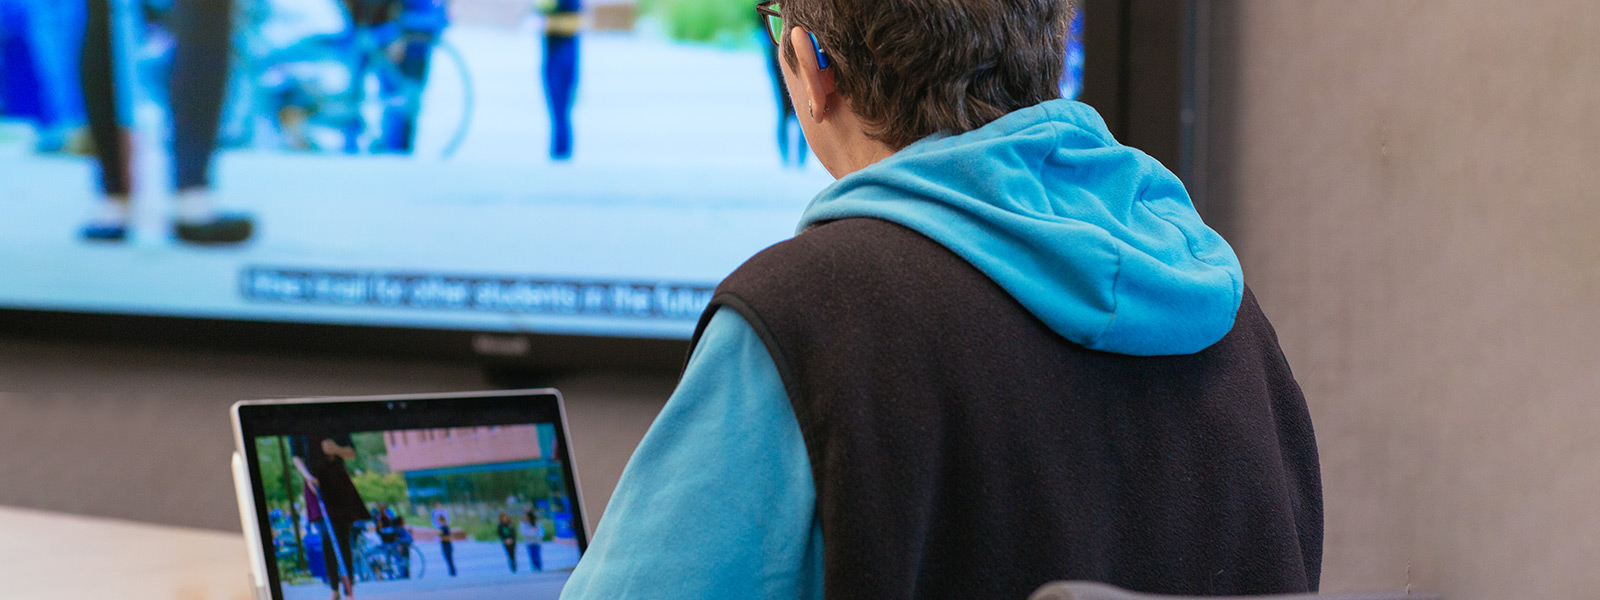 En kvinde, der bruger et høreapparat, ser en videopræsentation med undertekster